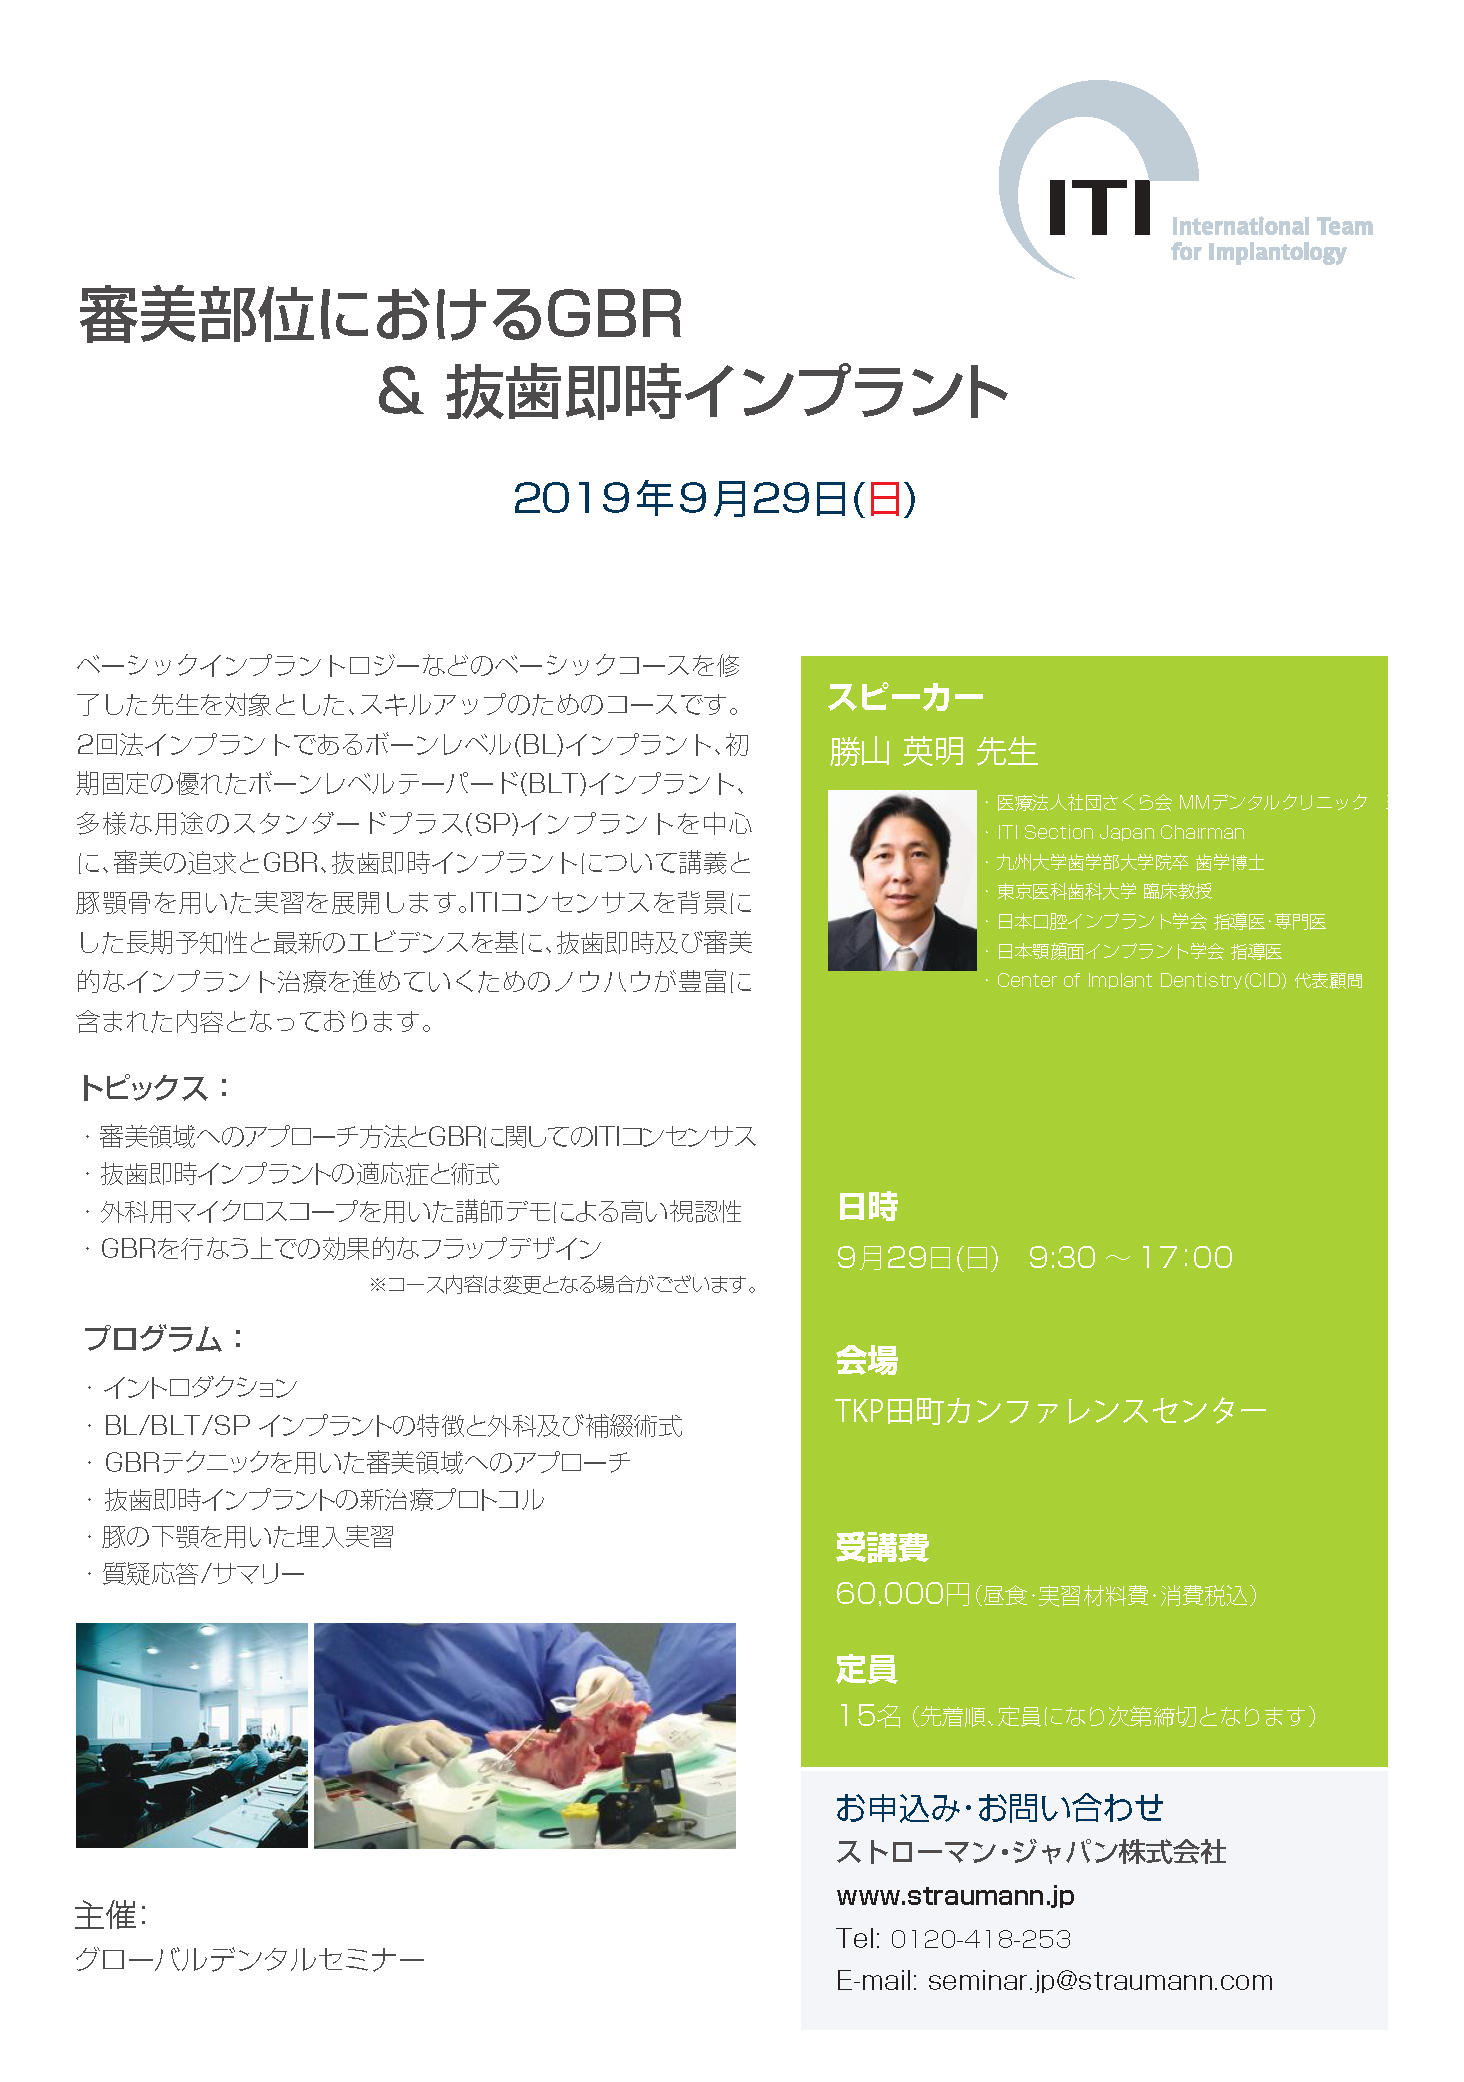 【満席】ITI 審美部位におけるGBR & 抜歯即時インプラント